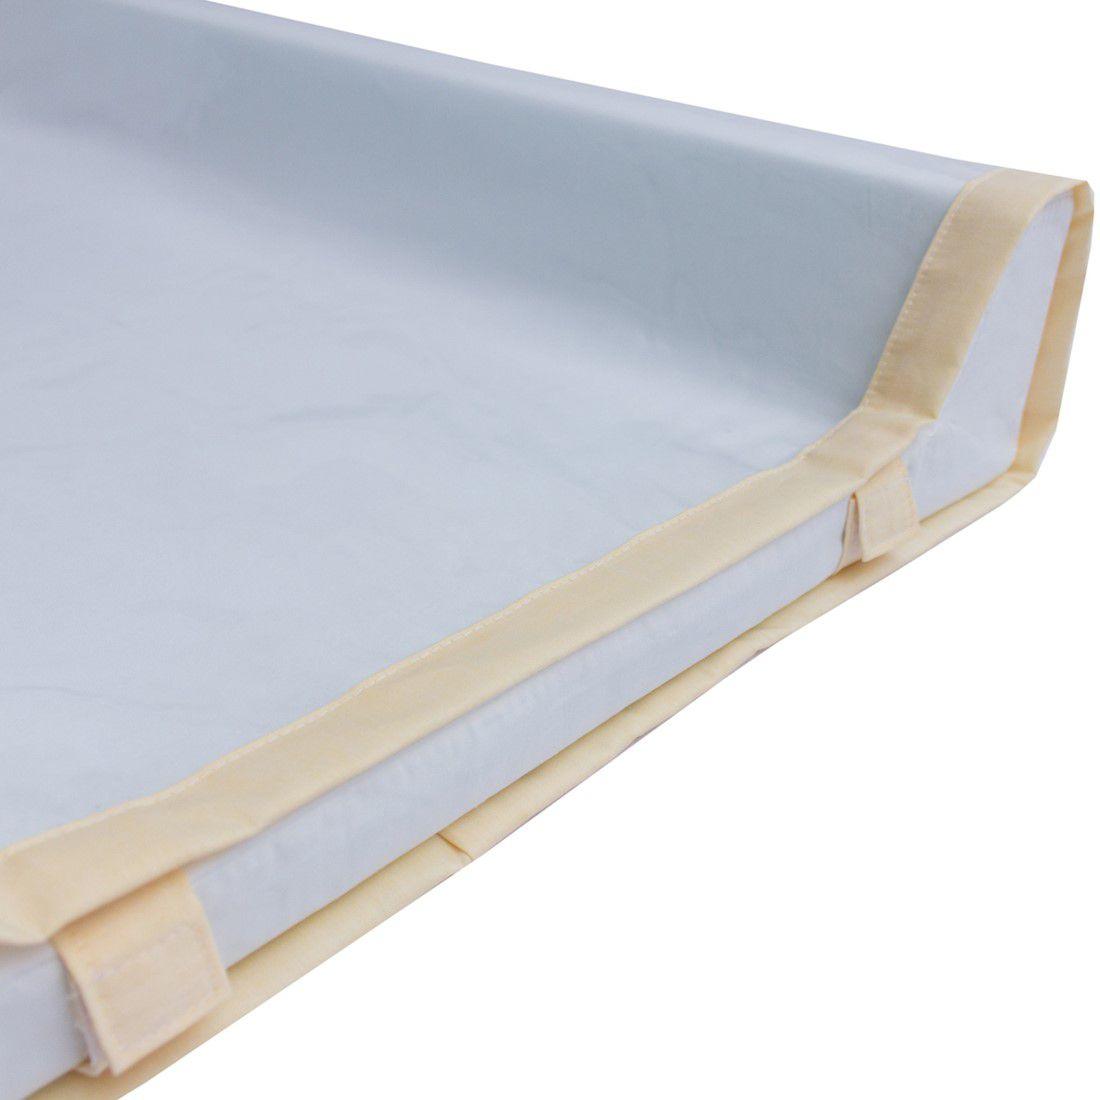 Capa plástica transparente com velcro p/ trocador americano